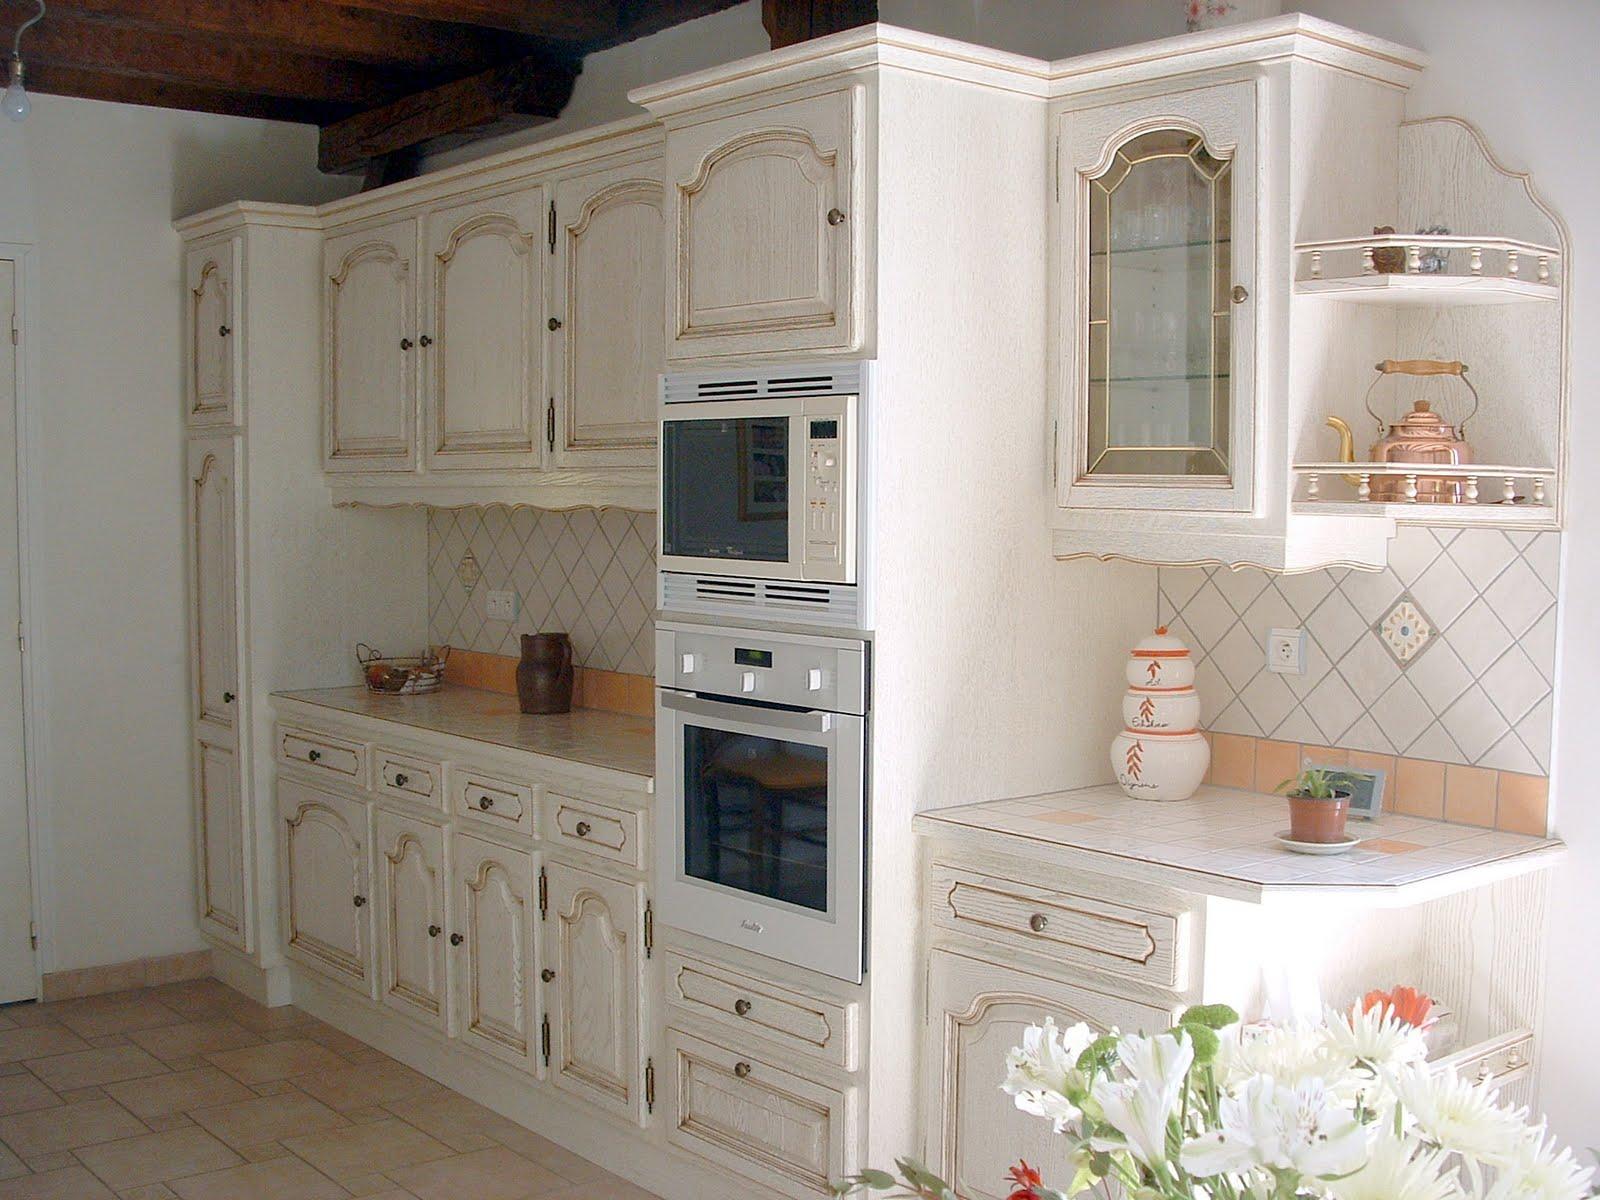 D coration cuisine conforama garantie 87 versailles for Cuisine bruges conforama